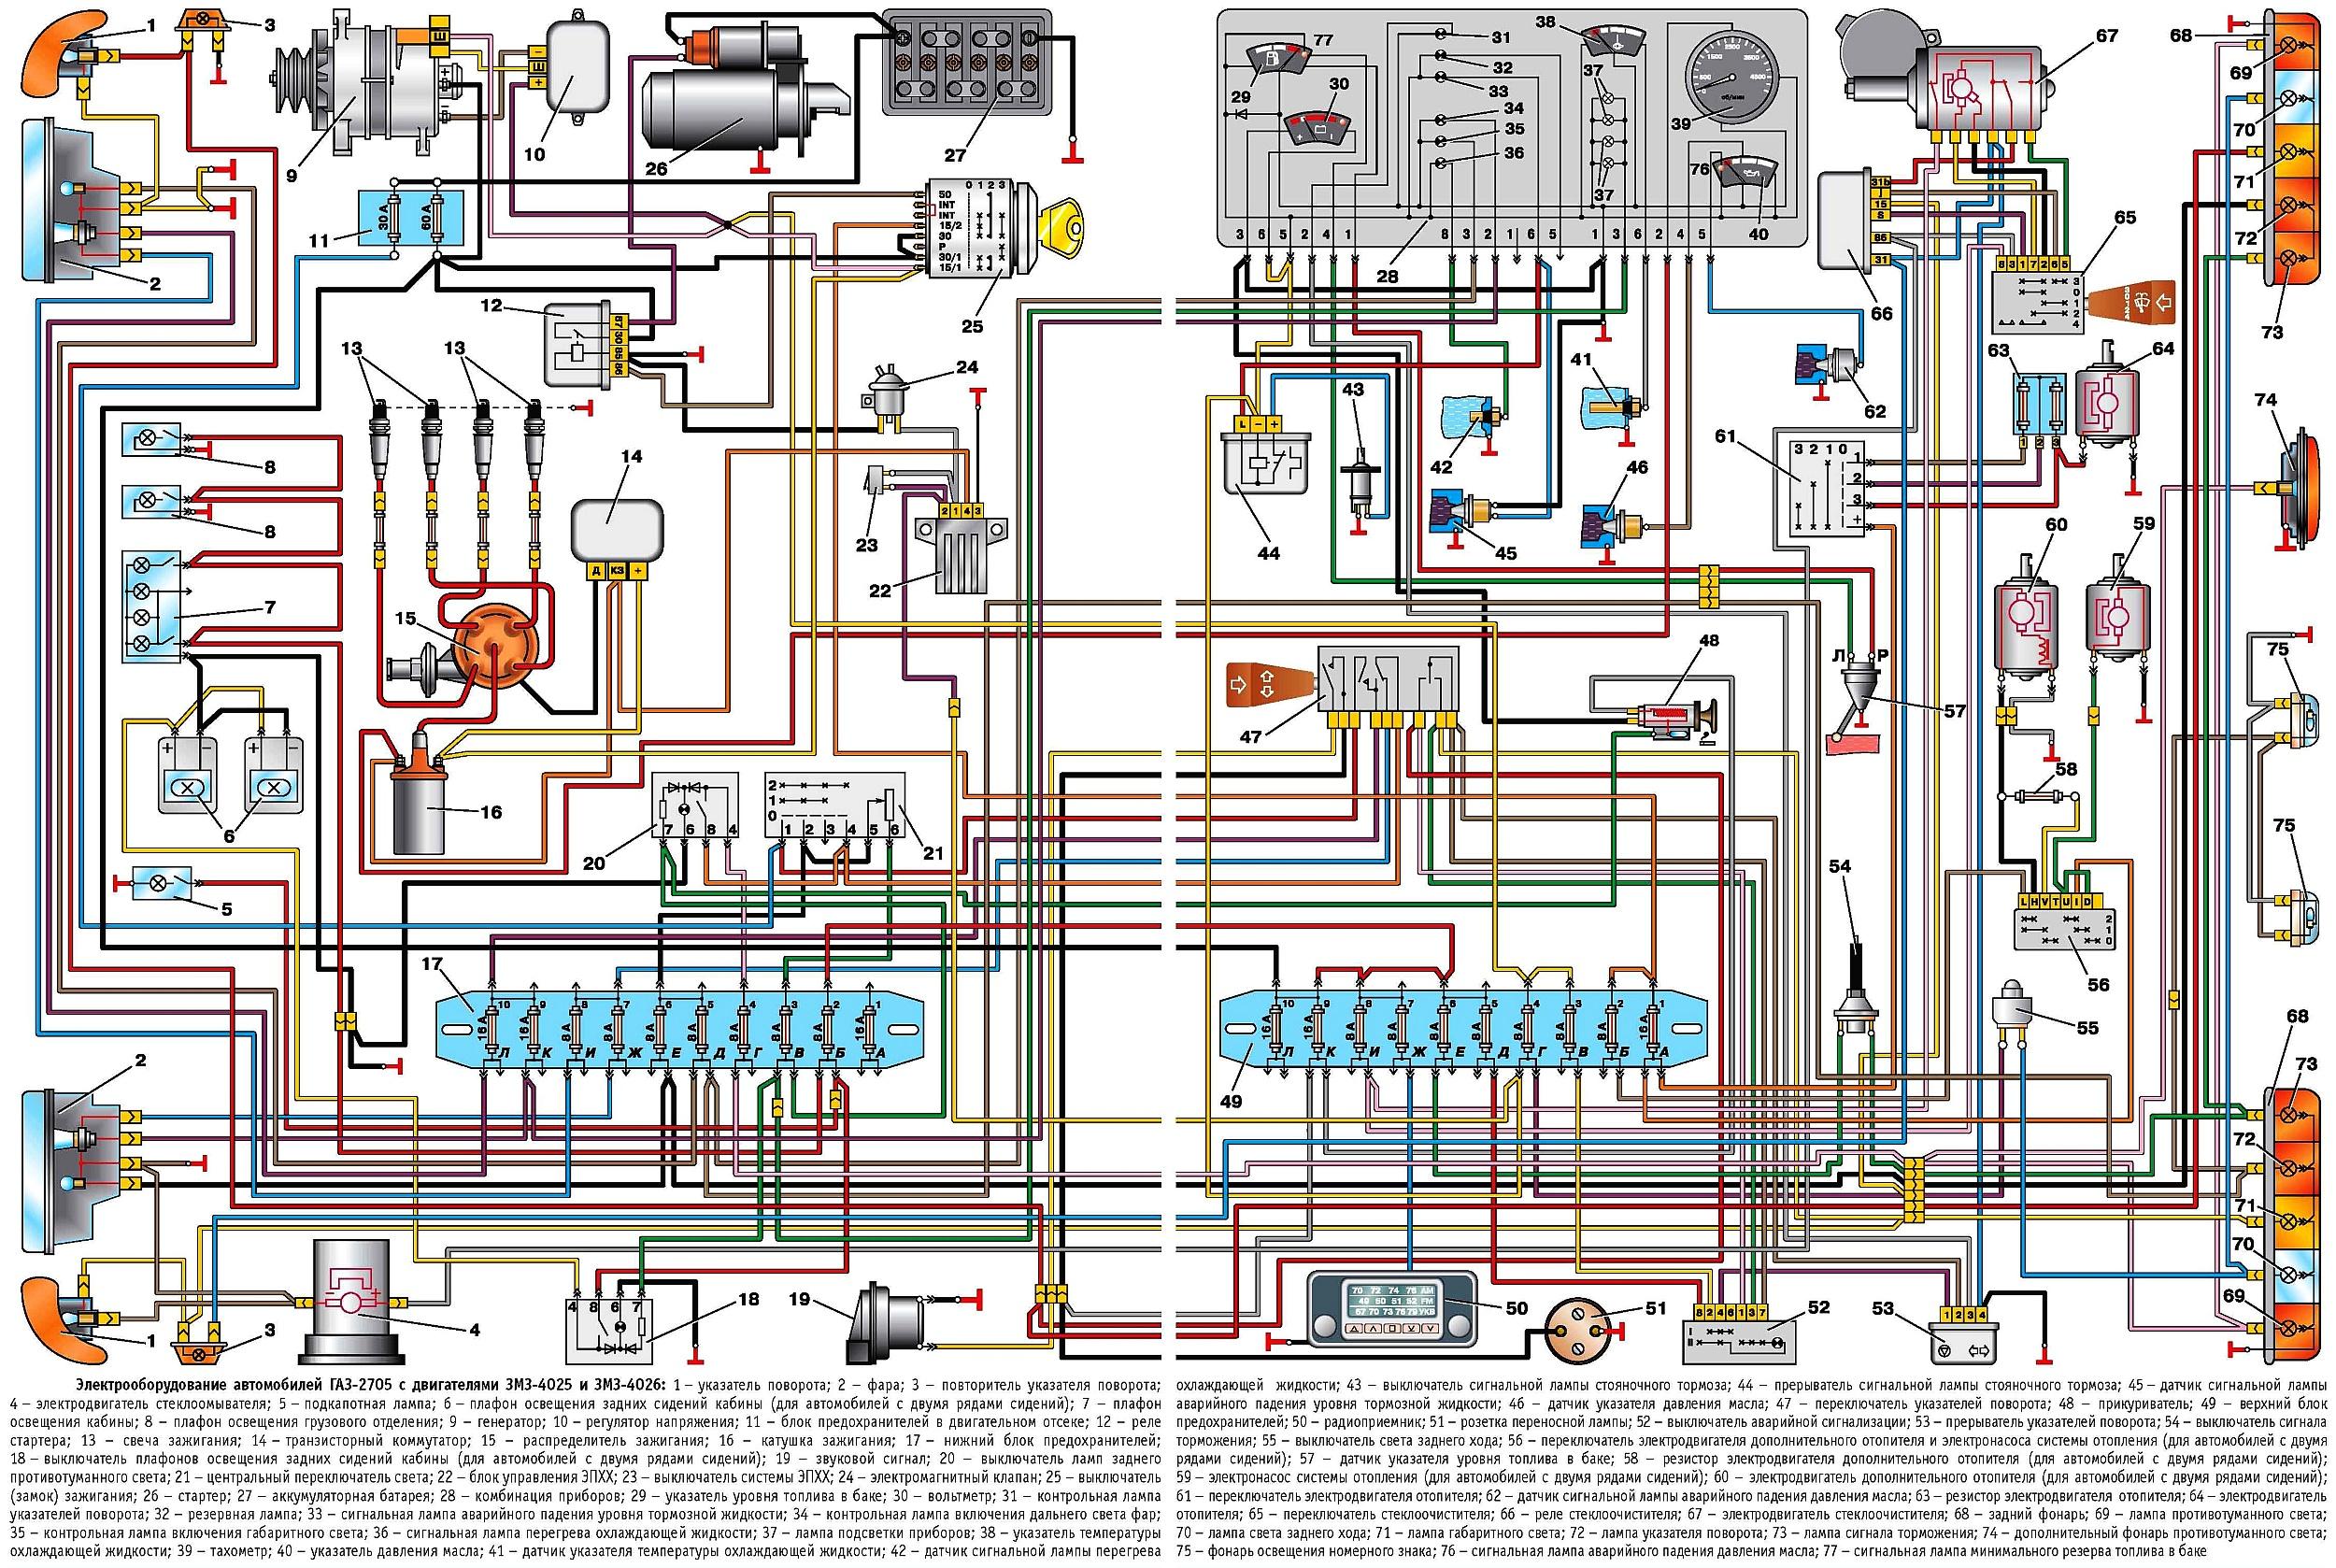 Газ 3302 схема электрооборудования фото 782